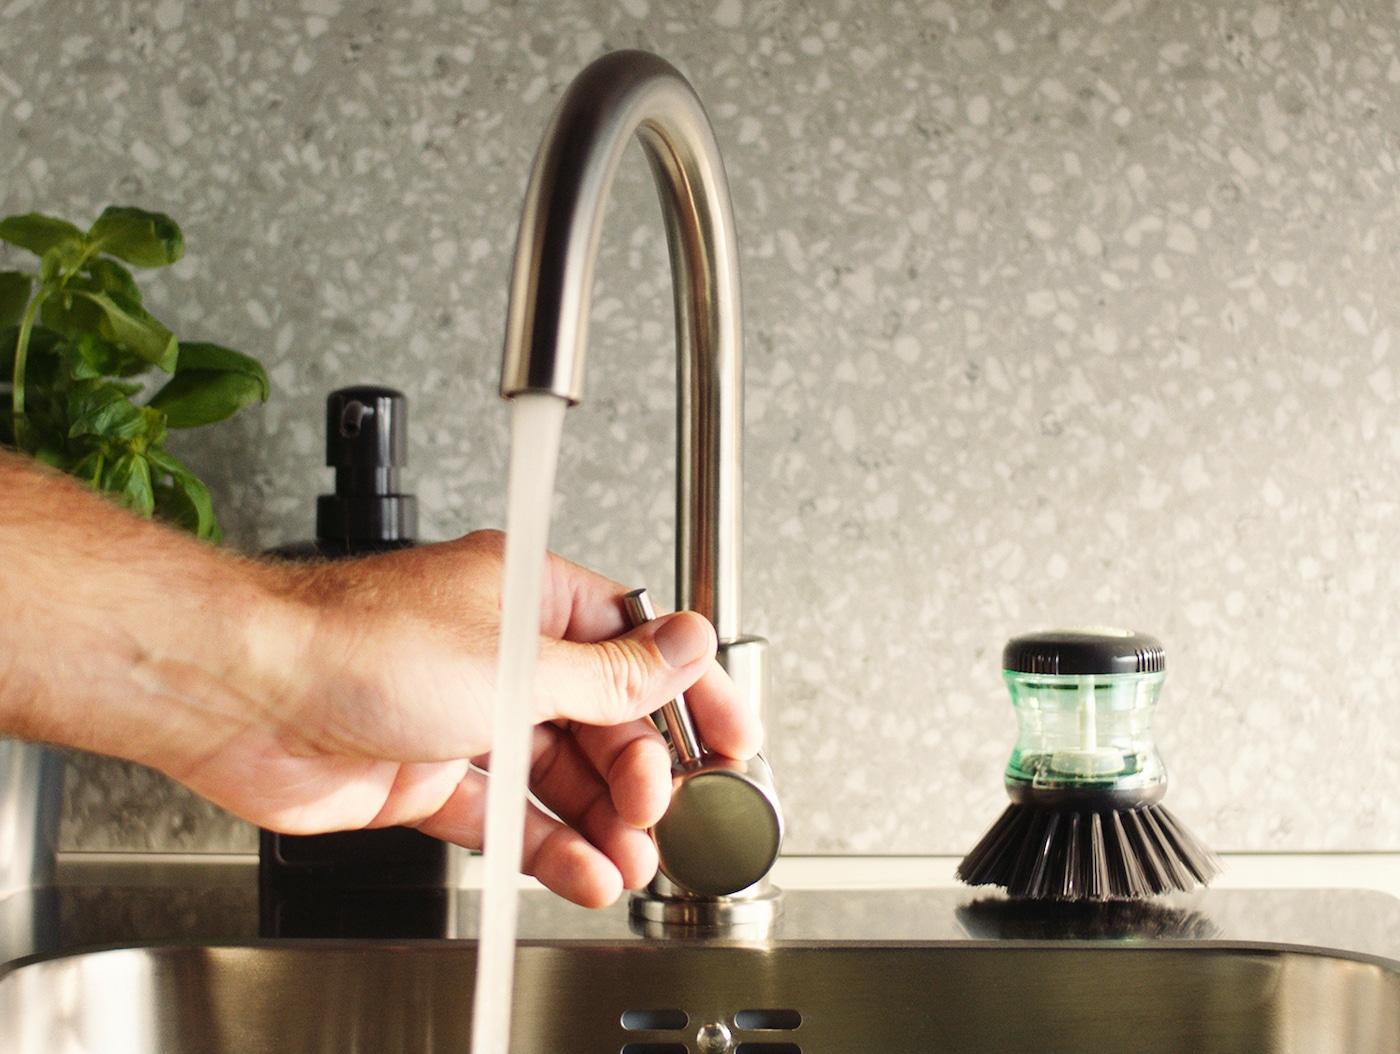 Ruka nastavuje tok vody z kuchynskej batérie GLYPEN z nehrdzavejúcej ocele, vedľa je položená kefka na riad TÅRTSMET.